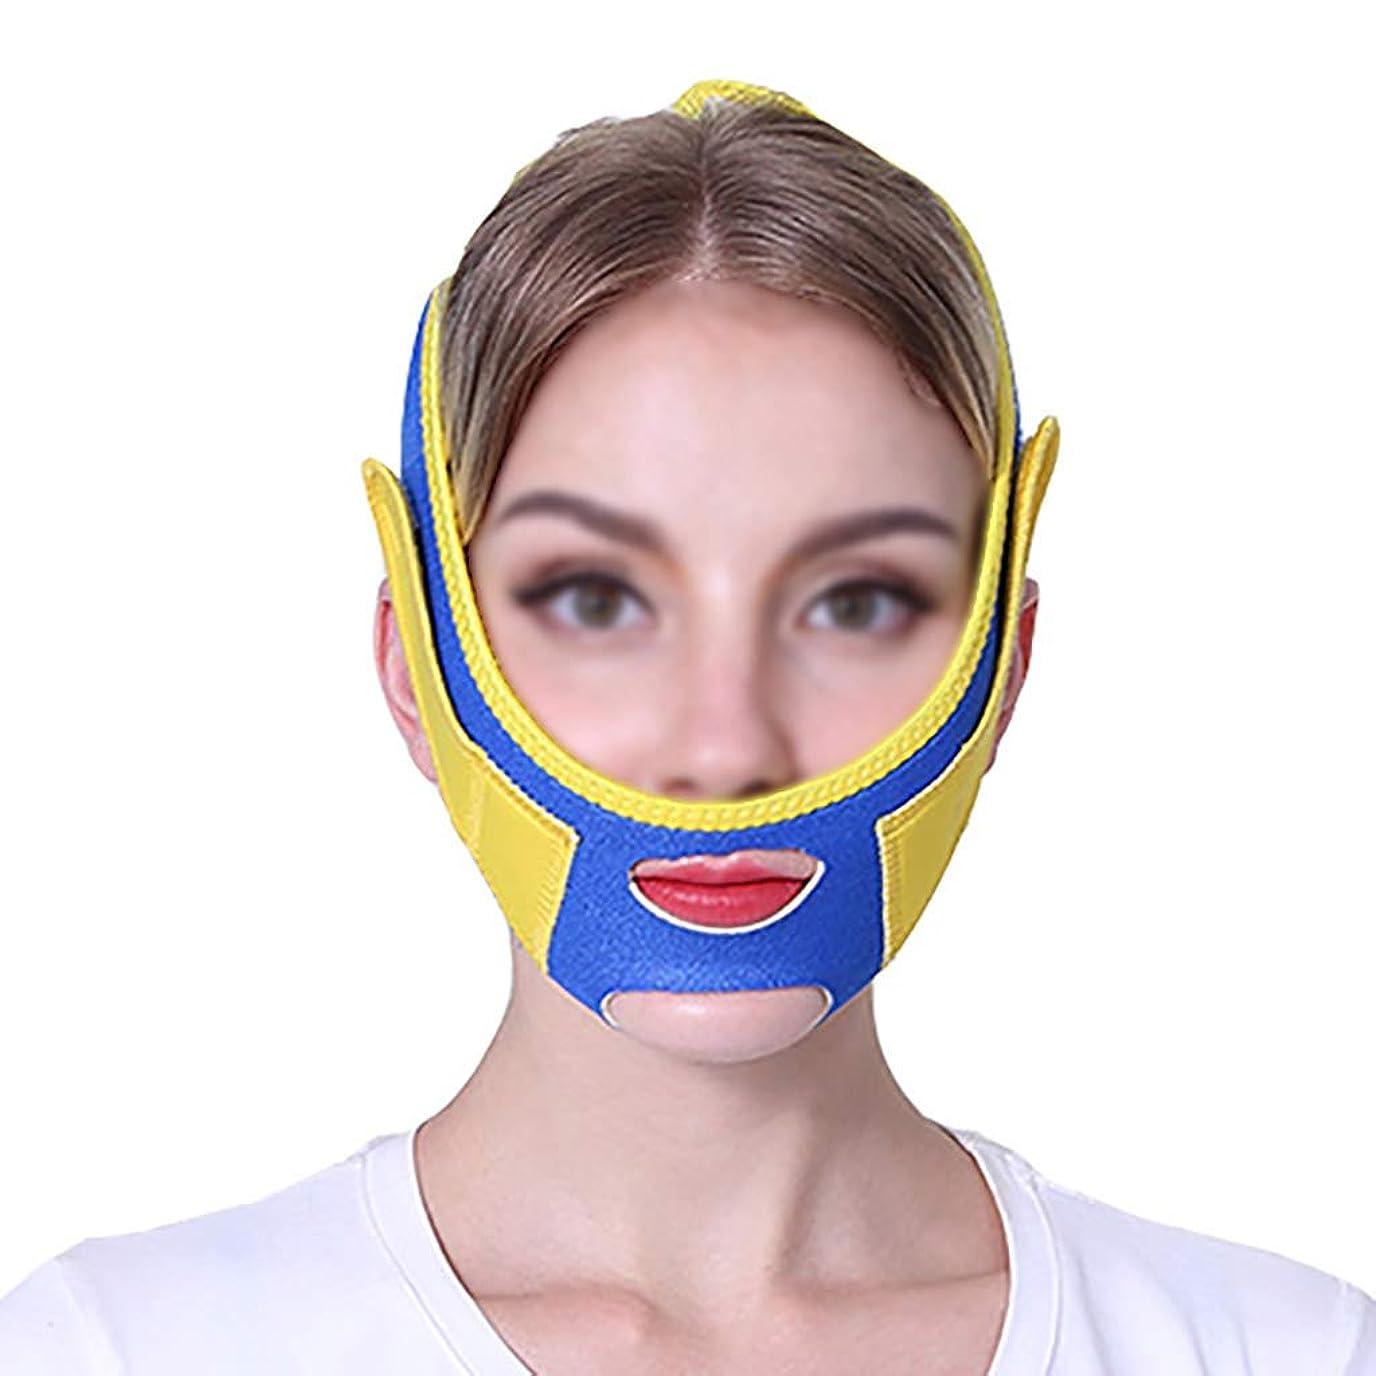 ラッドヤードキップリング聖書カウントアップTLMY ファーミングマスクスモールvフェイスアーティファクトリフティングマスクフェイスリフティングフェイスリフティングマスクファーミングクリームフェイシャルリフティング包帯 顔用整形マスク